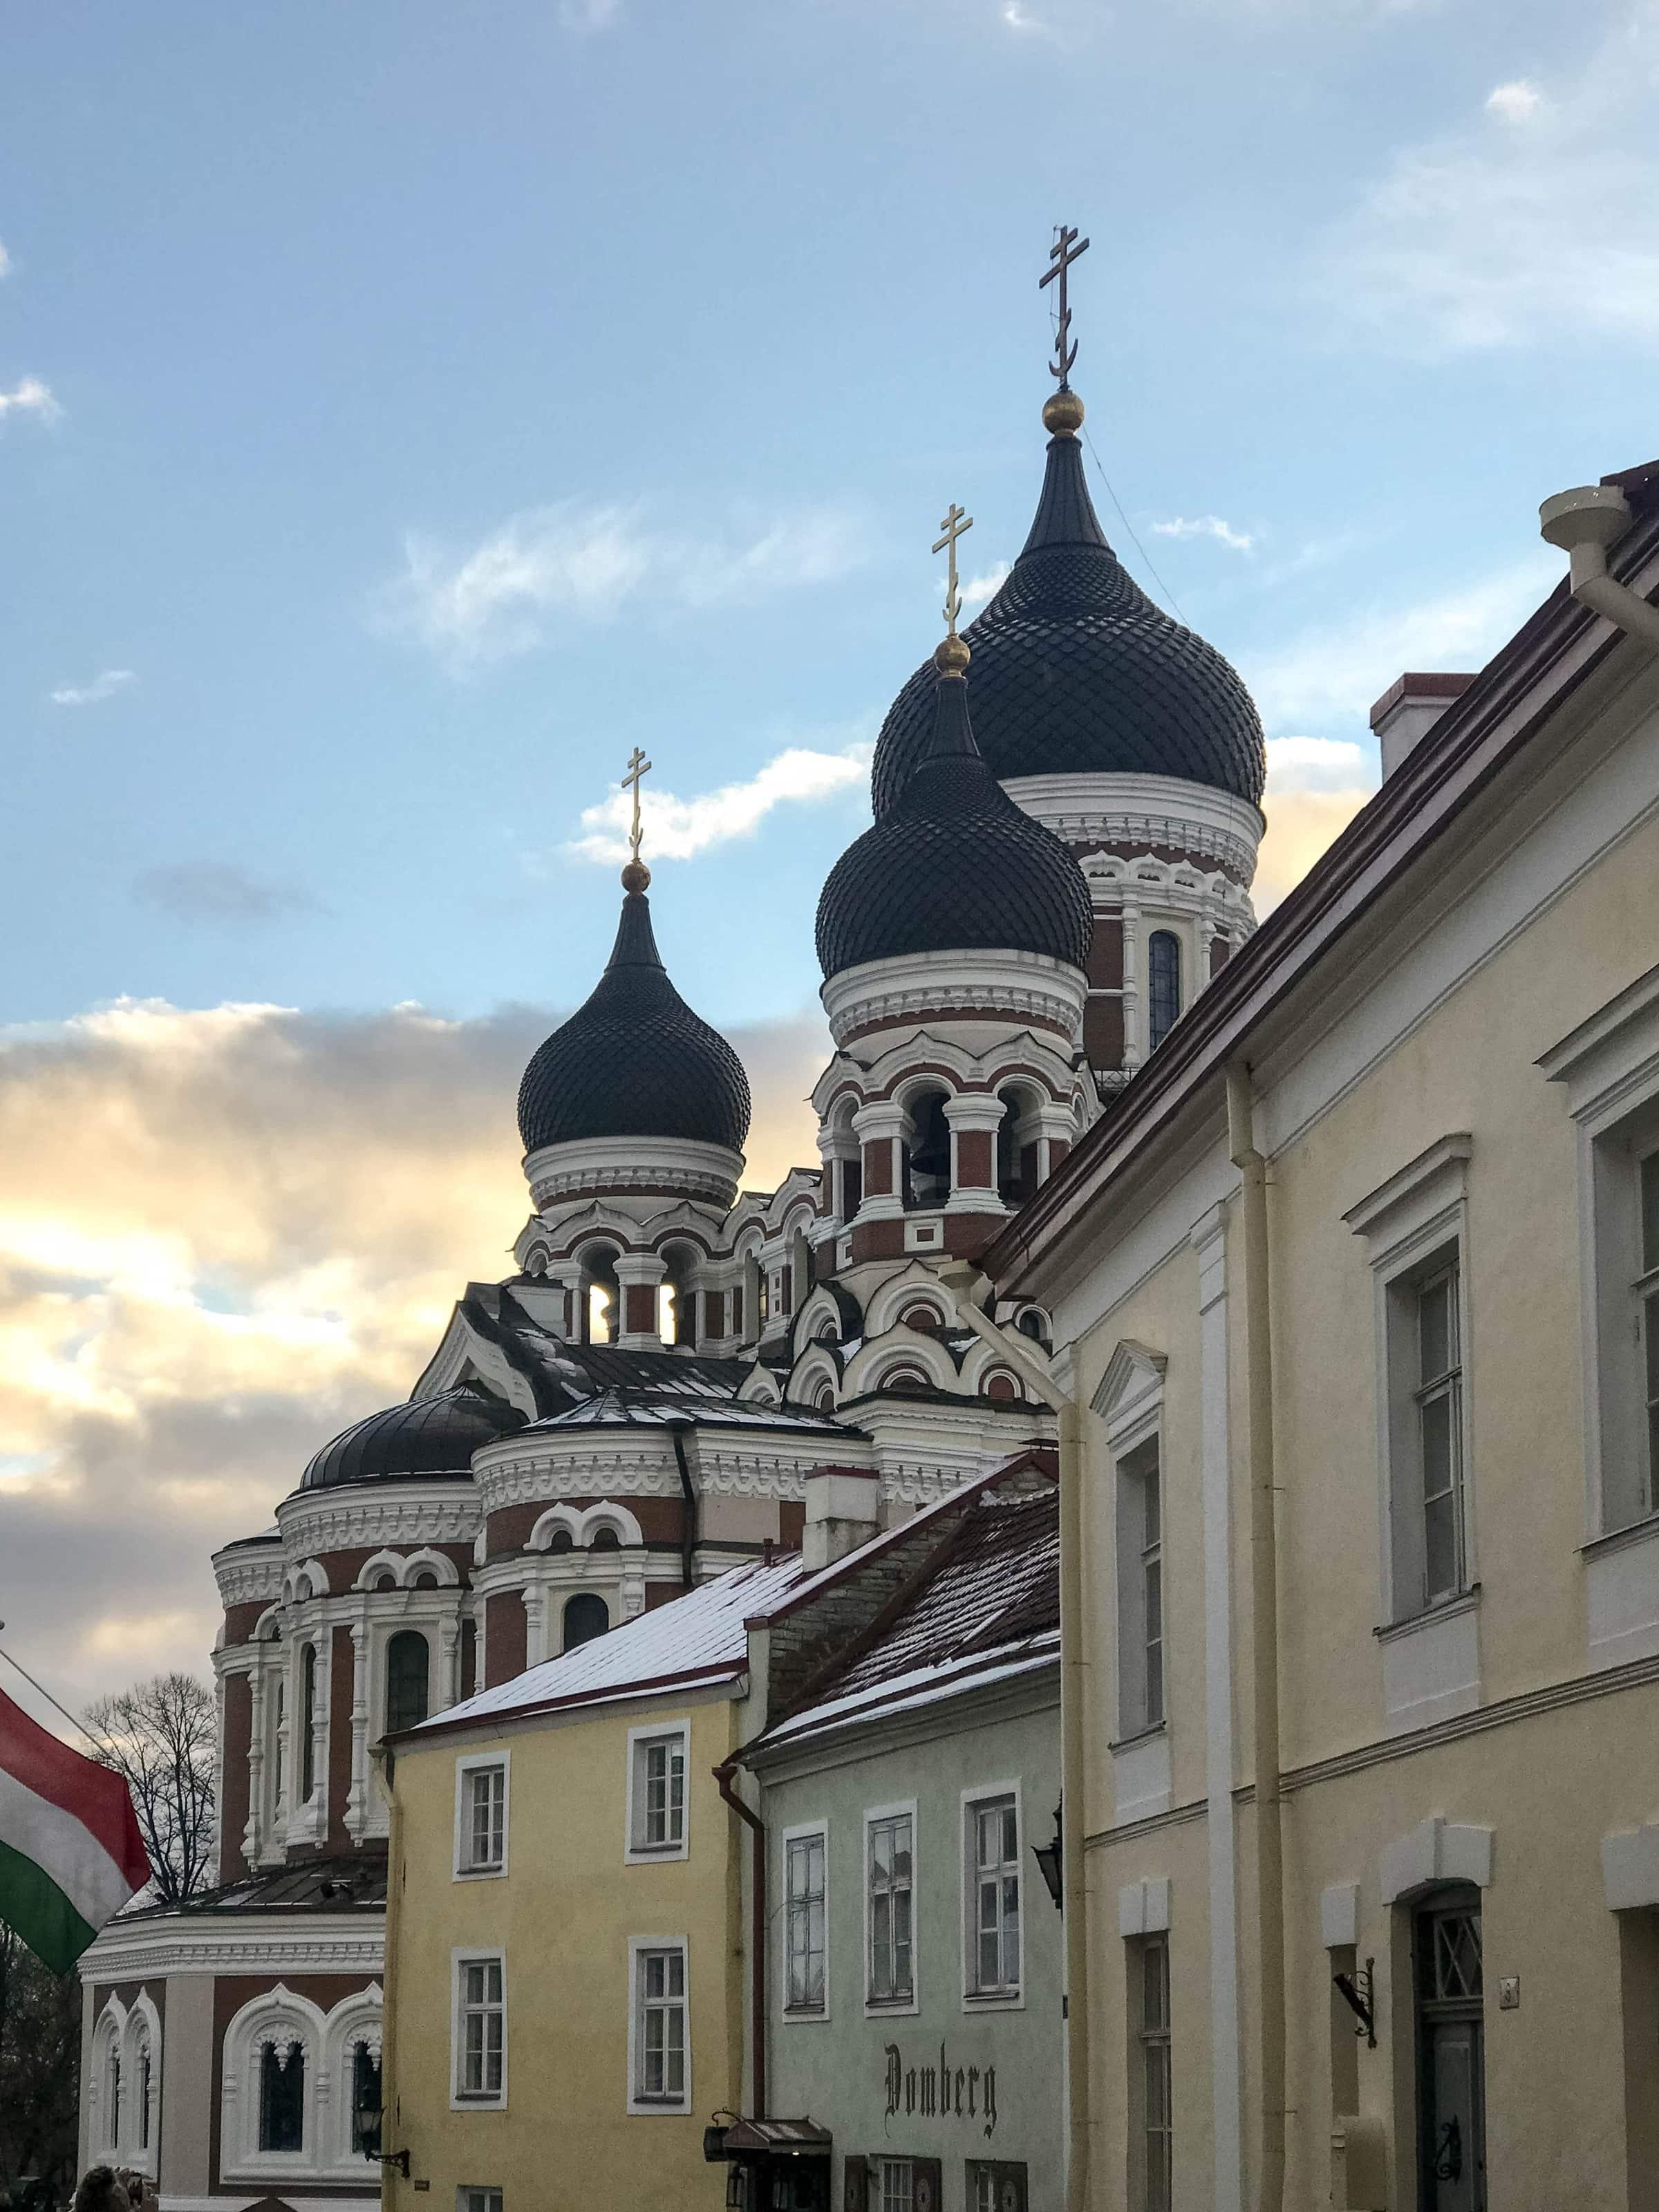 am Domberg im Tallinn mit der Alexander-Newski-Kathedrale